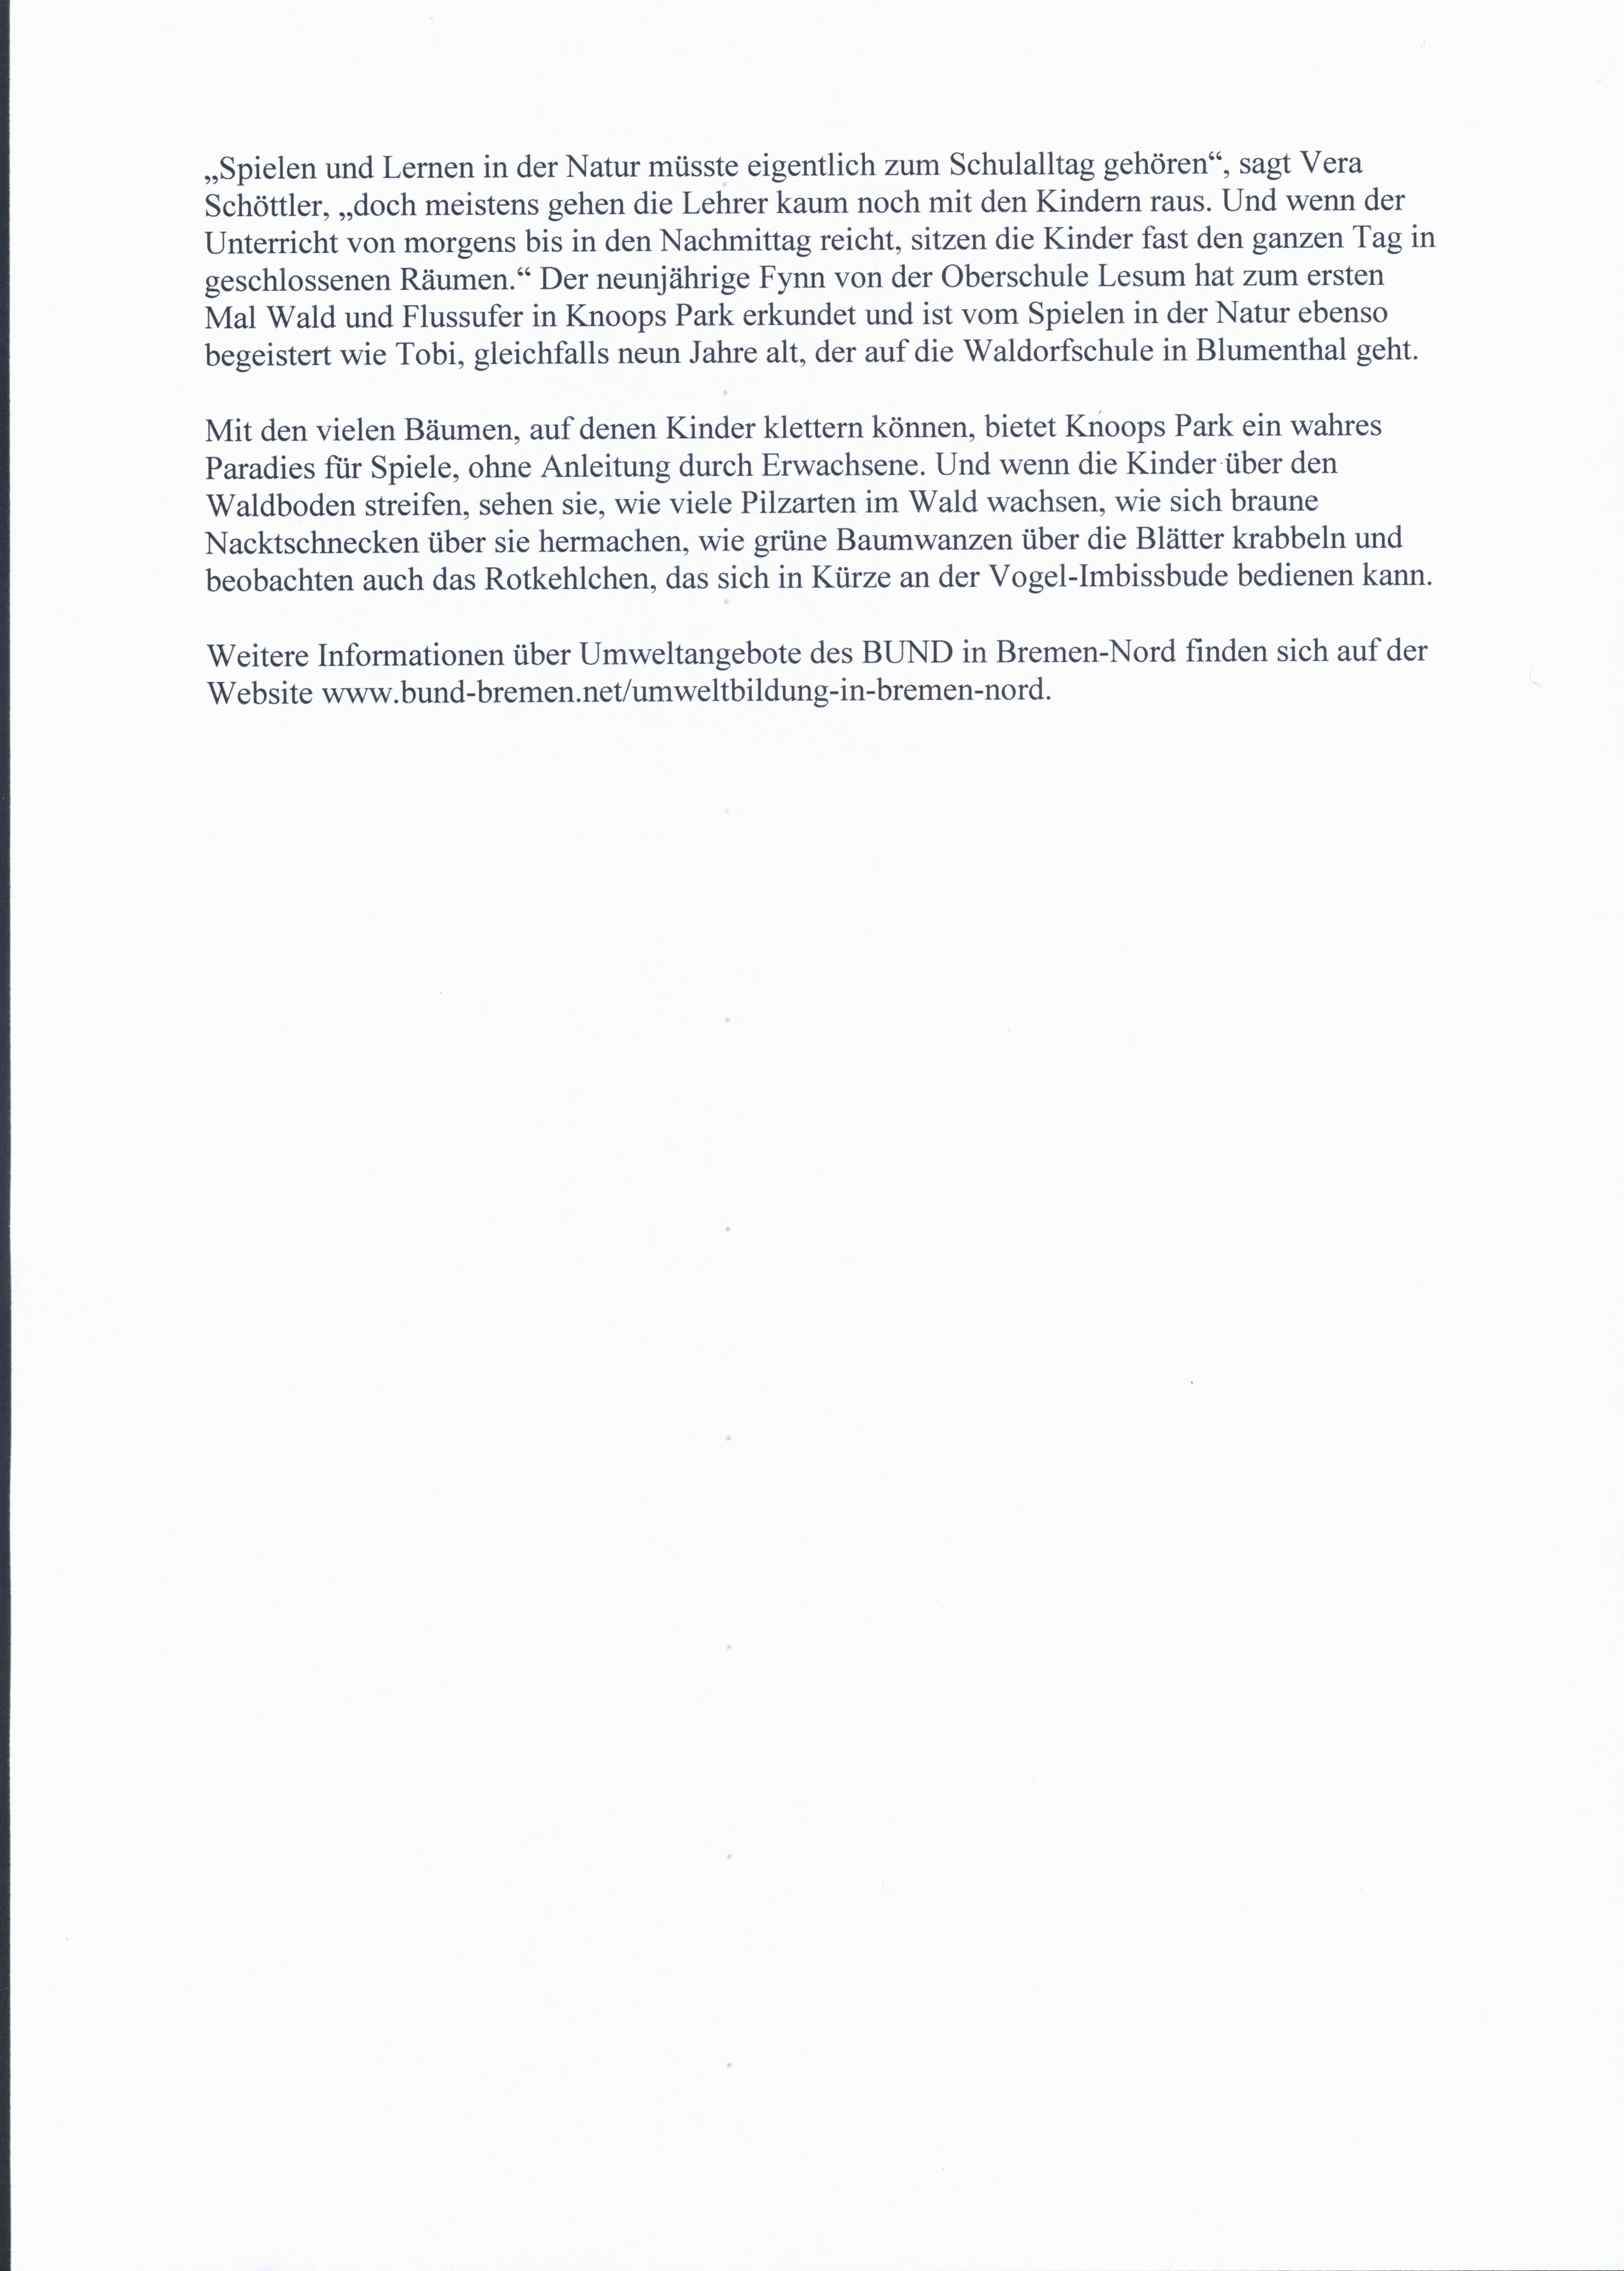 Die Norddeutsche - Artikel 14.10.2019, Seite 3